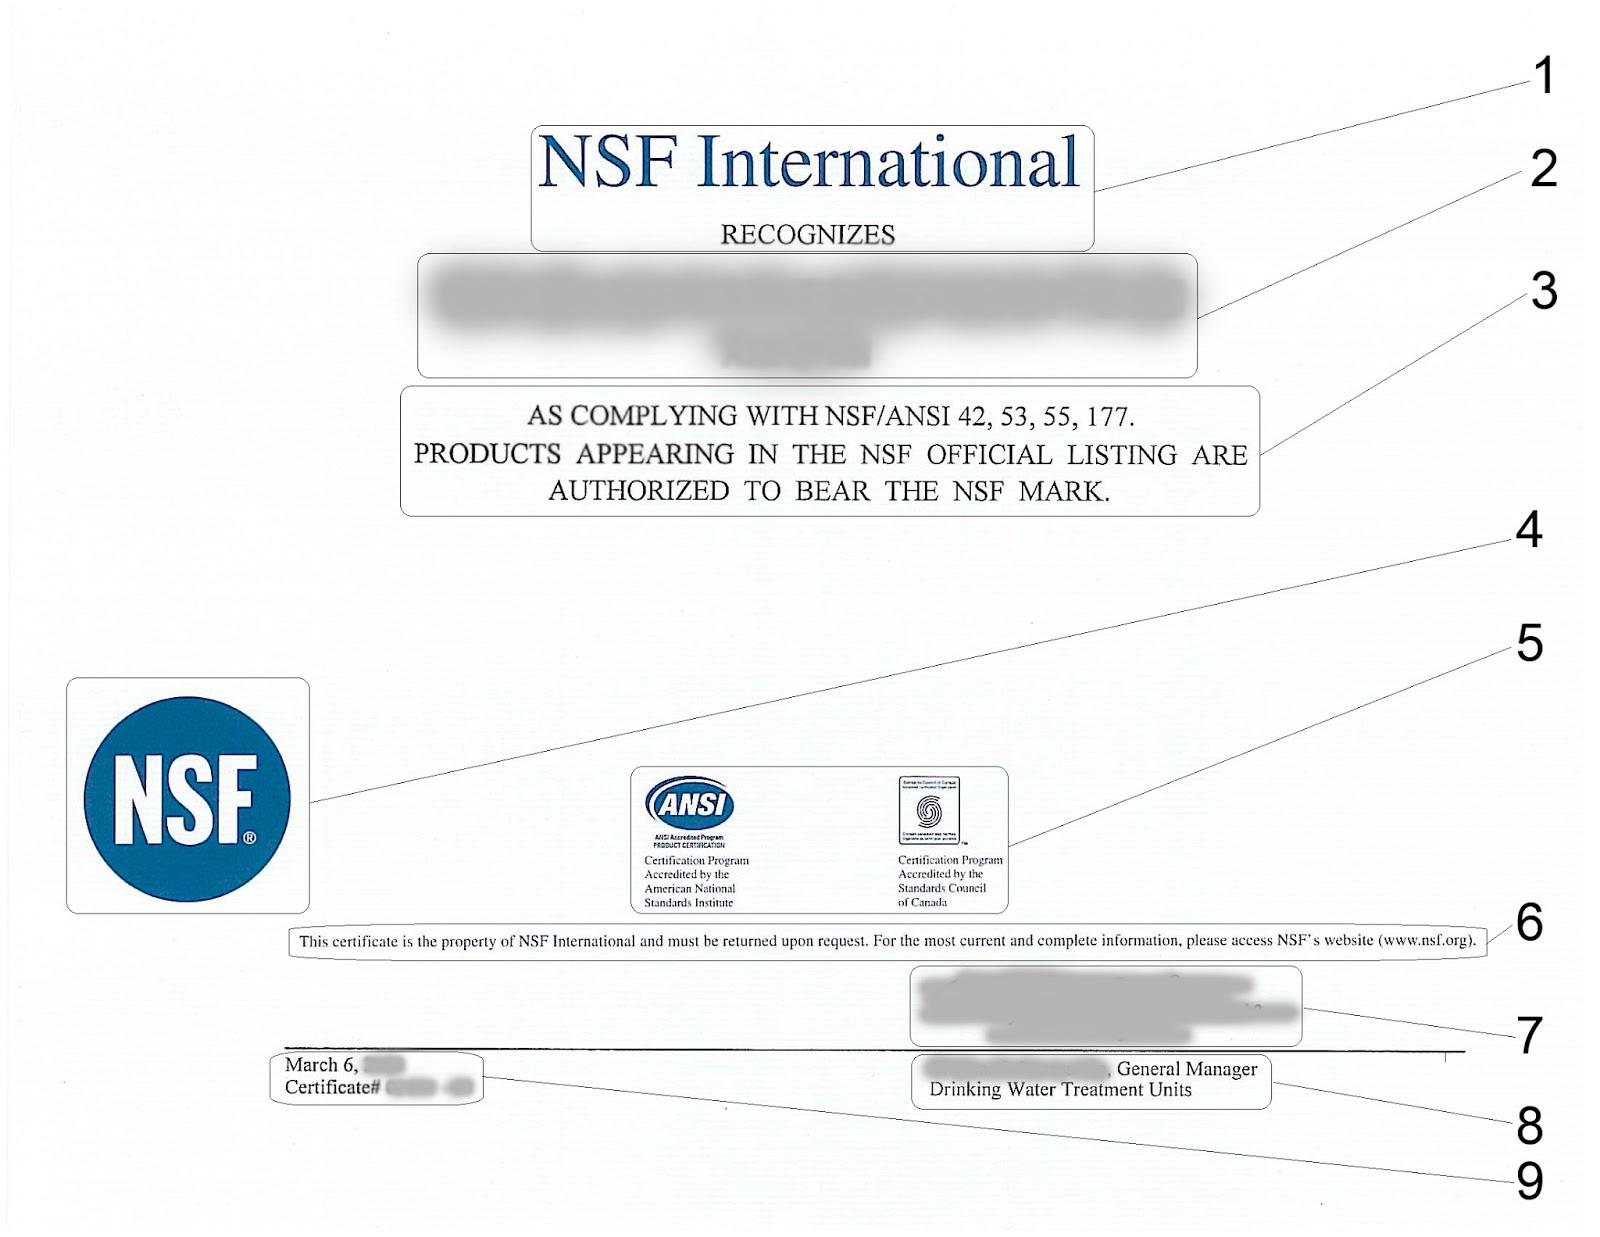 Международная сертификация воды сертификация продукции, дипломные работы